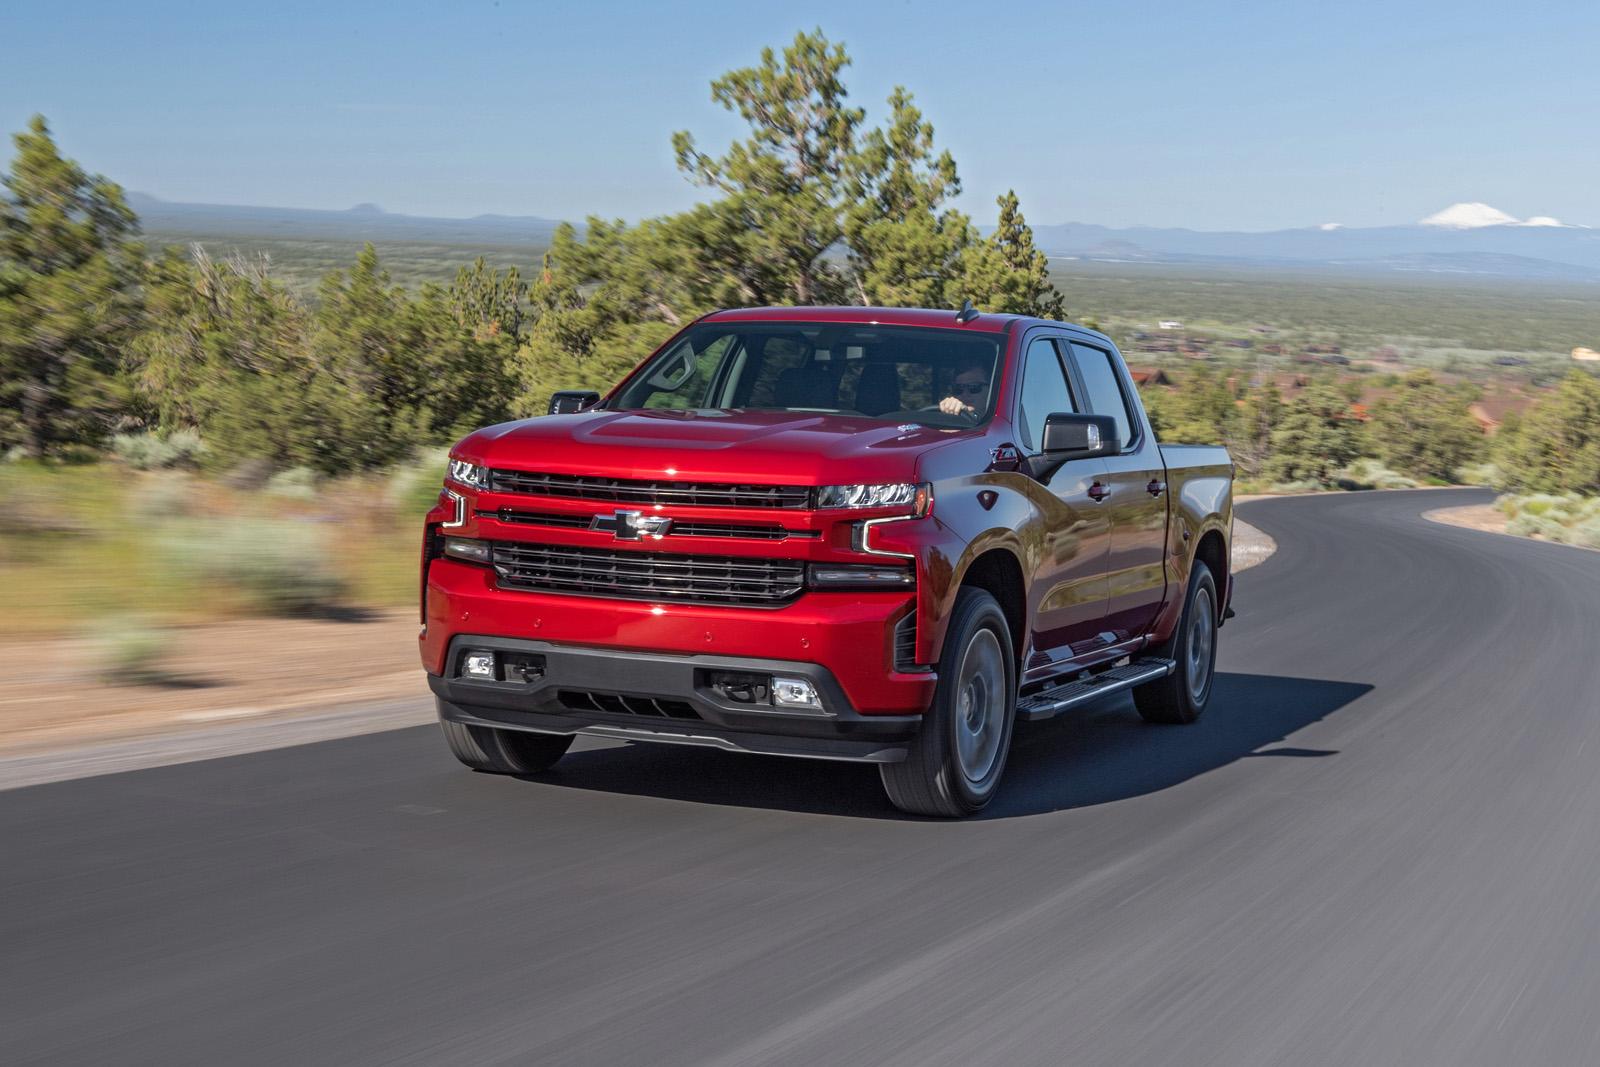 2020 Chevrolet Silverado Diesel